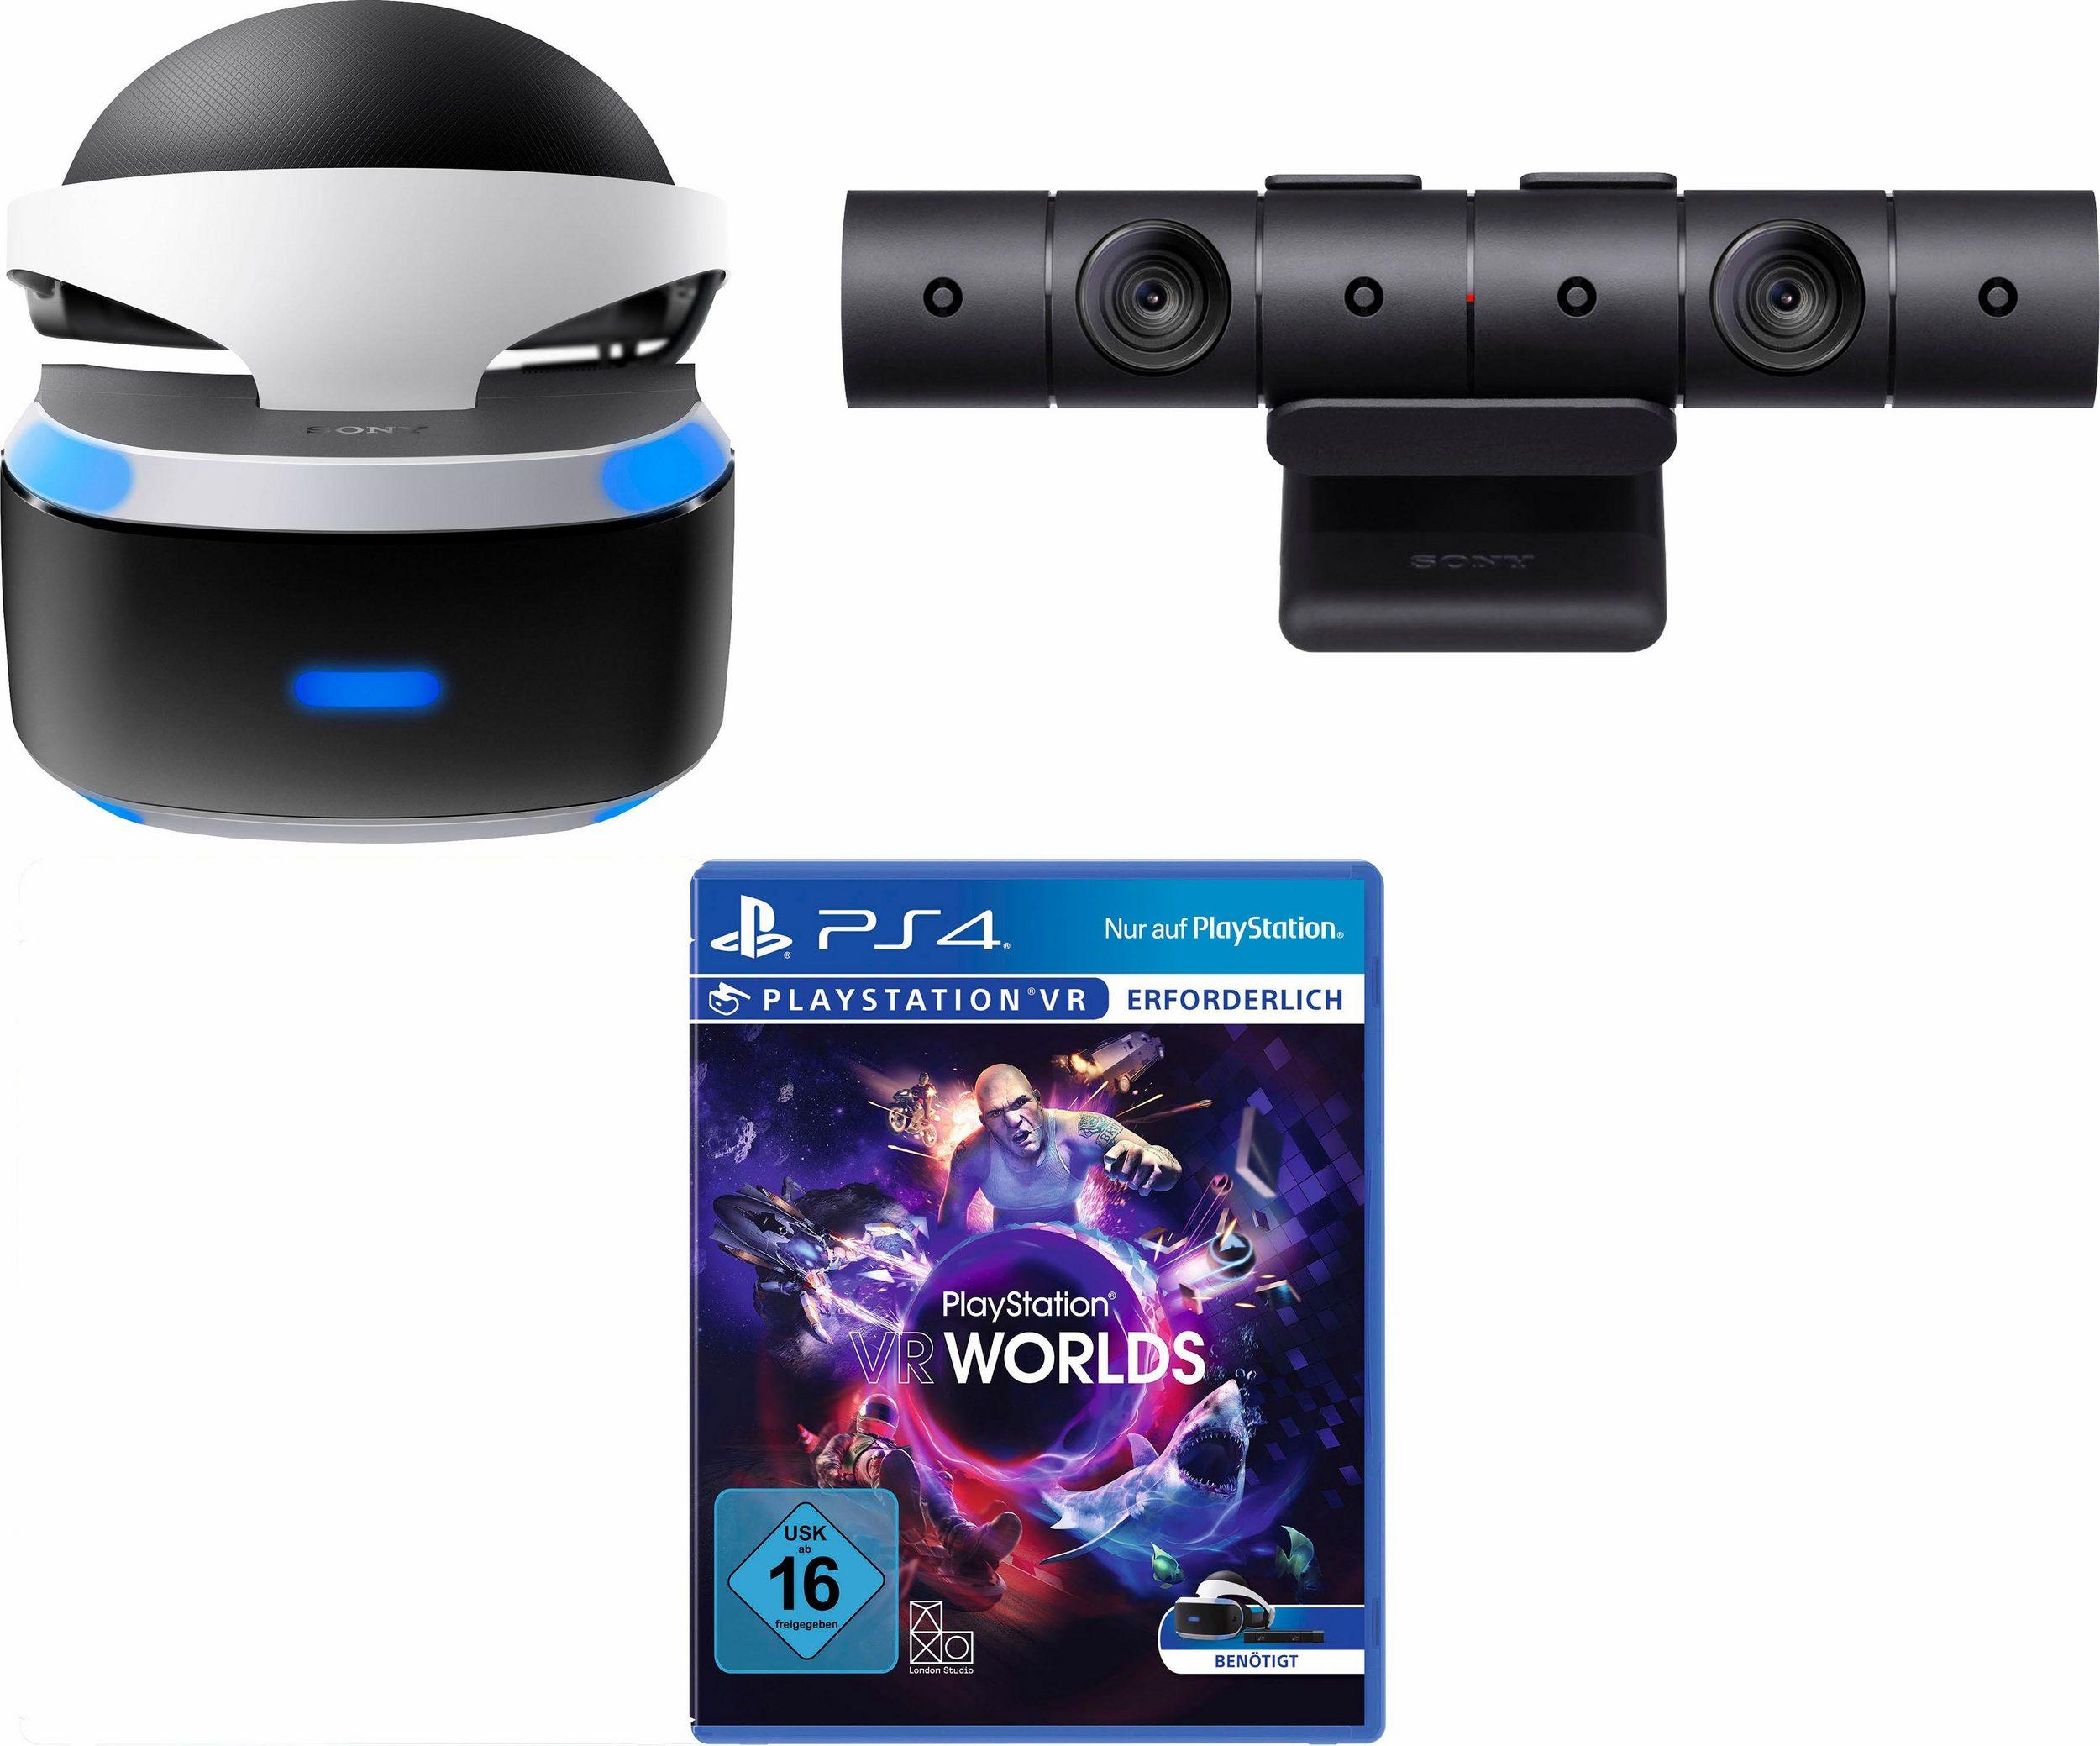 [OTTO] Playstation VR V2 Starter Set abzüglich 6€ Cashback + 10€ Shoop Gutschein (183,99 € effektiv)